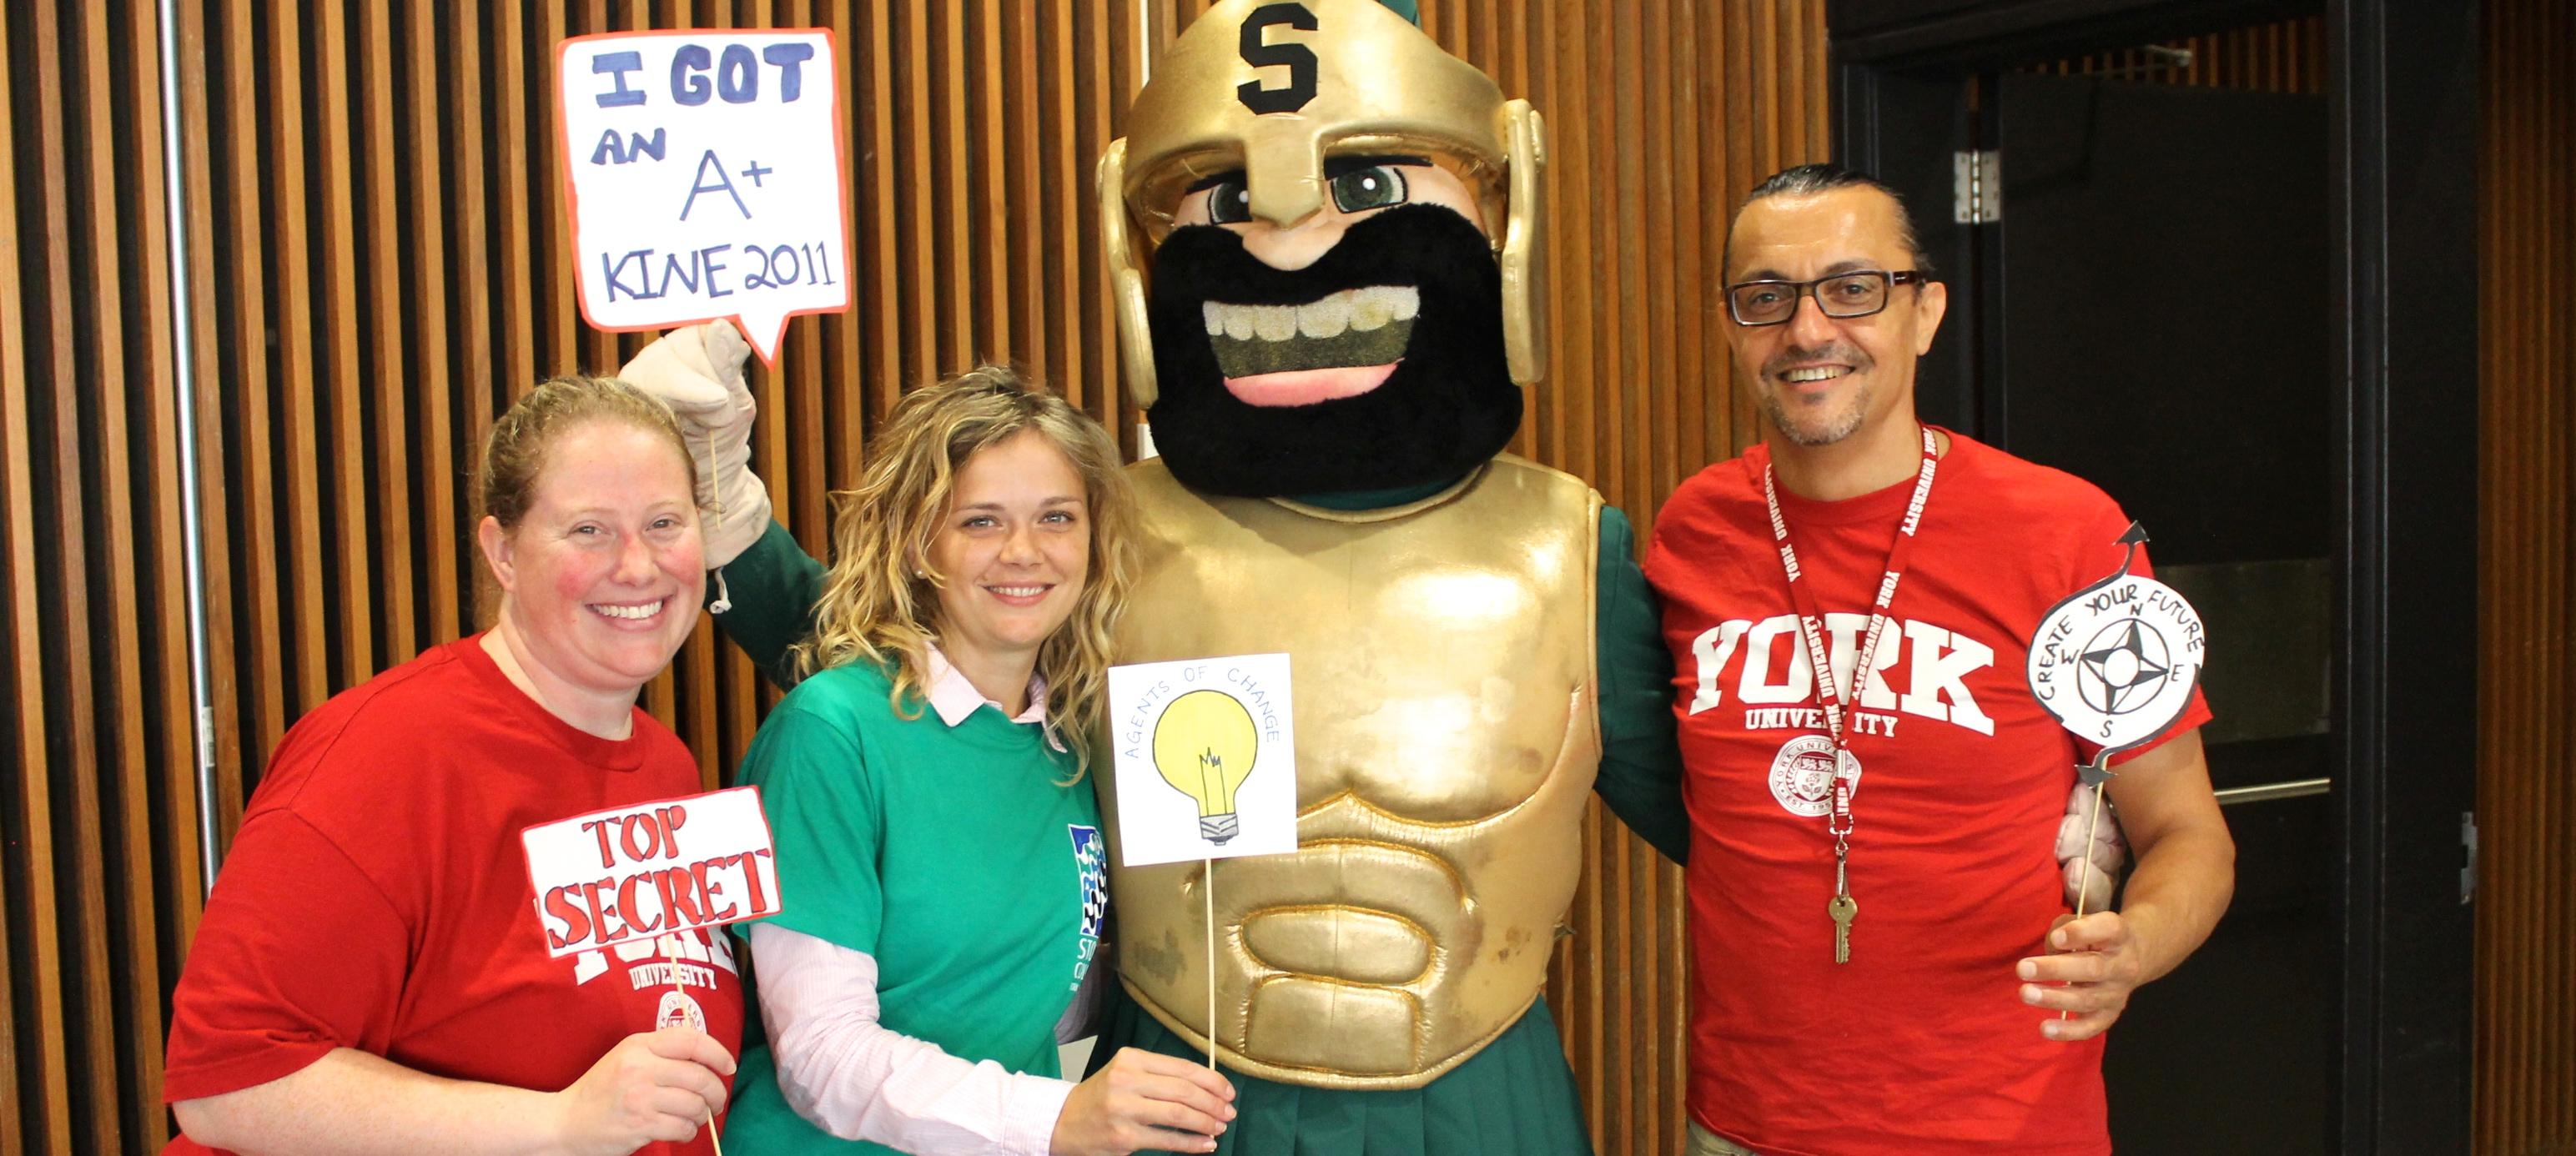 Stong Mascot and Admin Staff